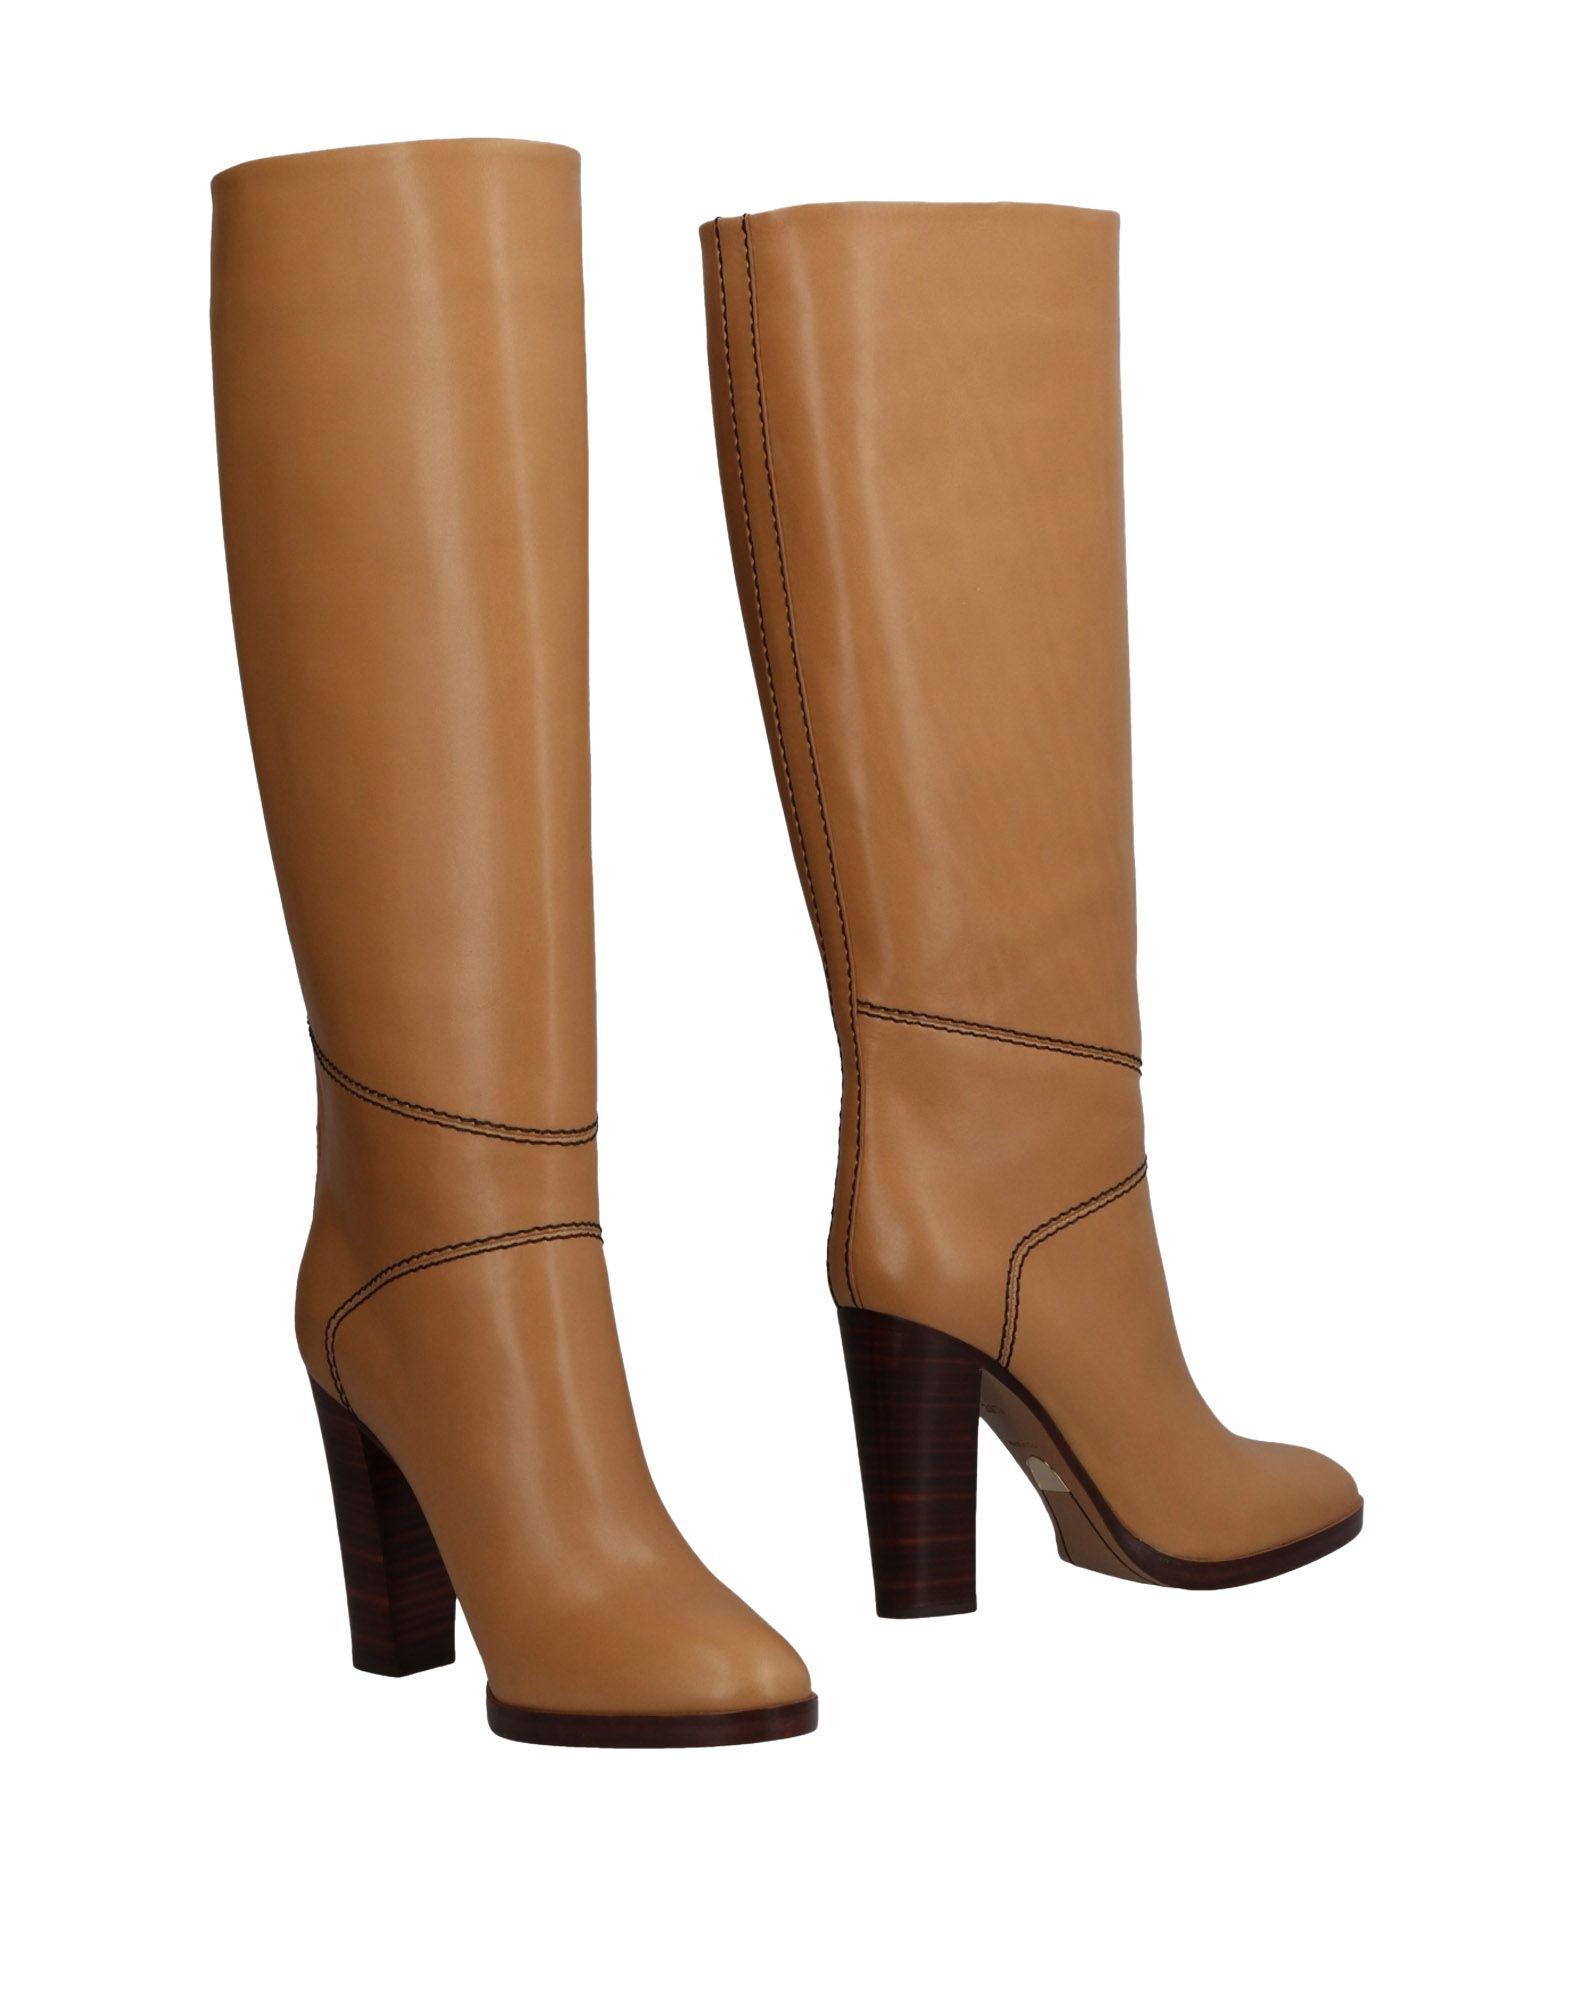 Haltbare Mode billige Schuhe Chloé Stiefel Damen  11425110JV Heiße Schuhe